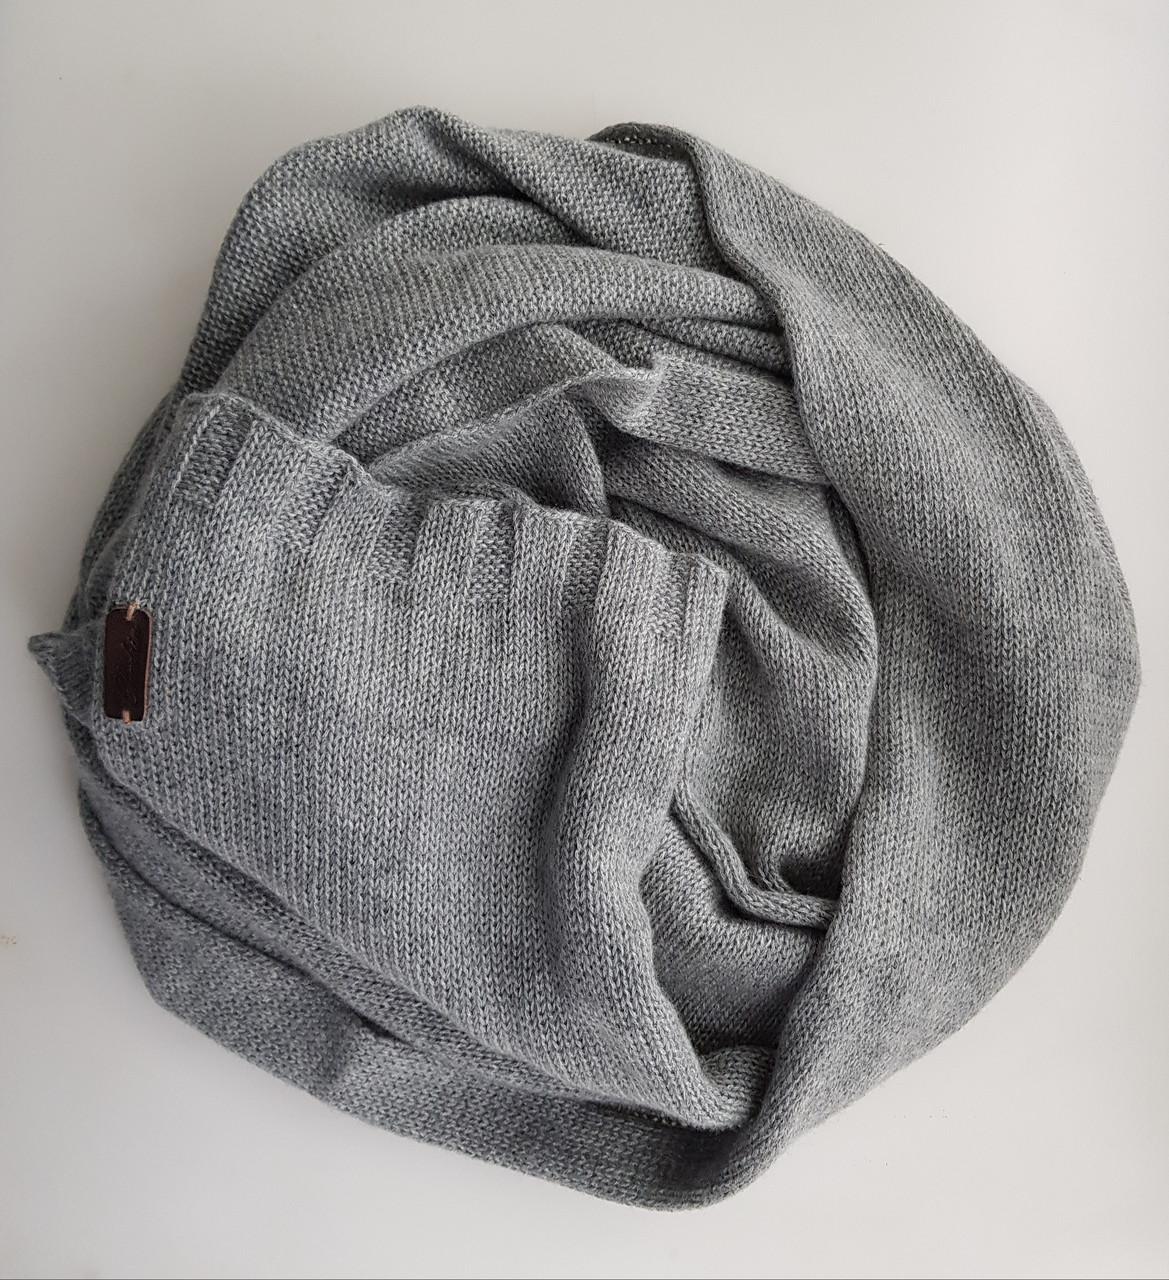 Шарф Chadrin knitted мужской, фото 1